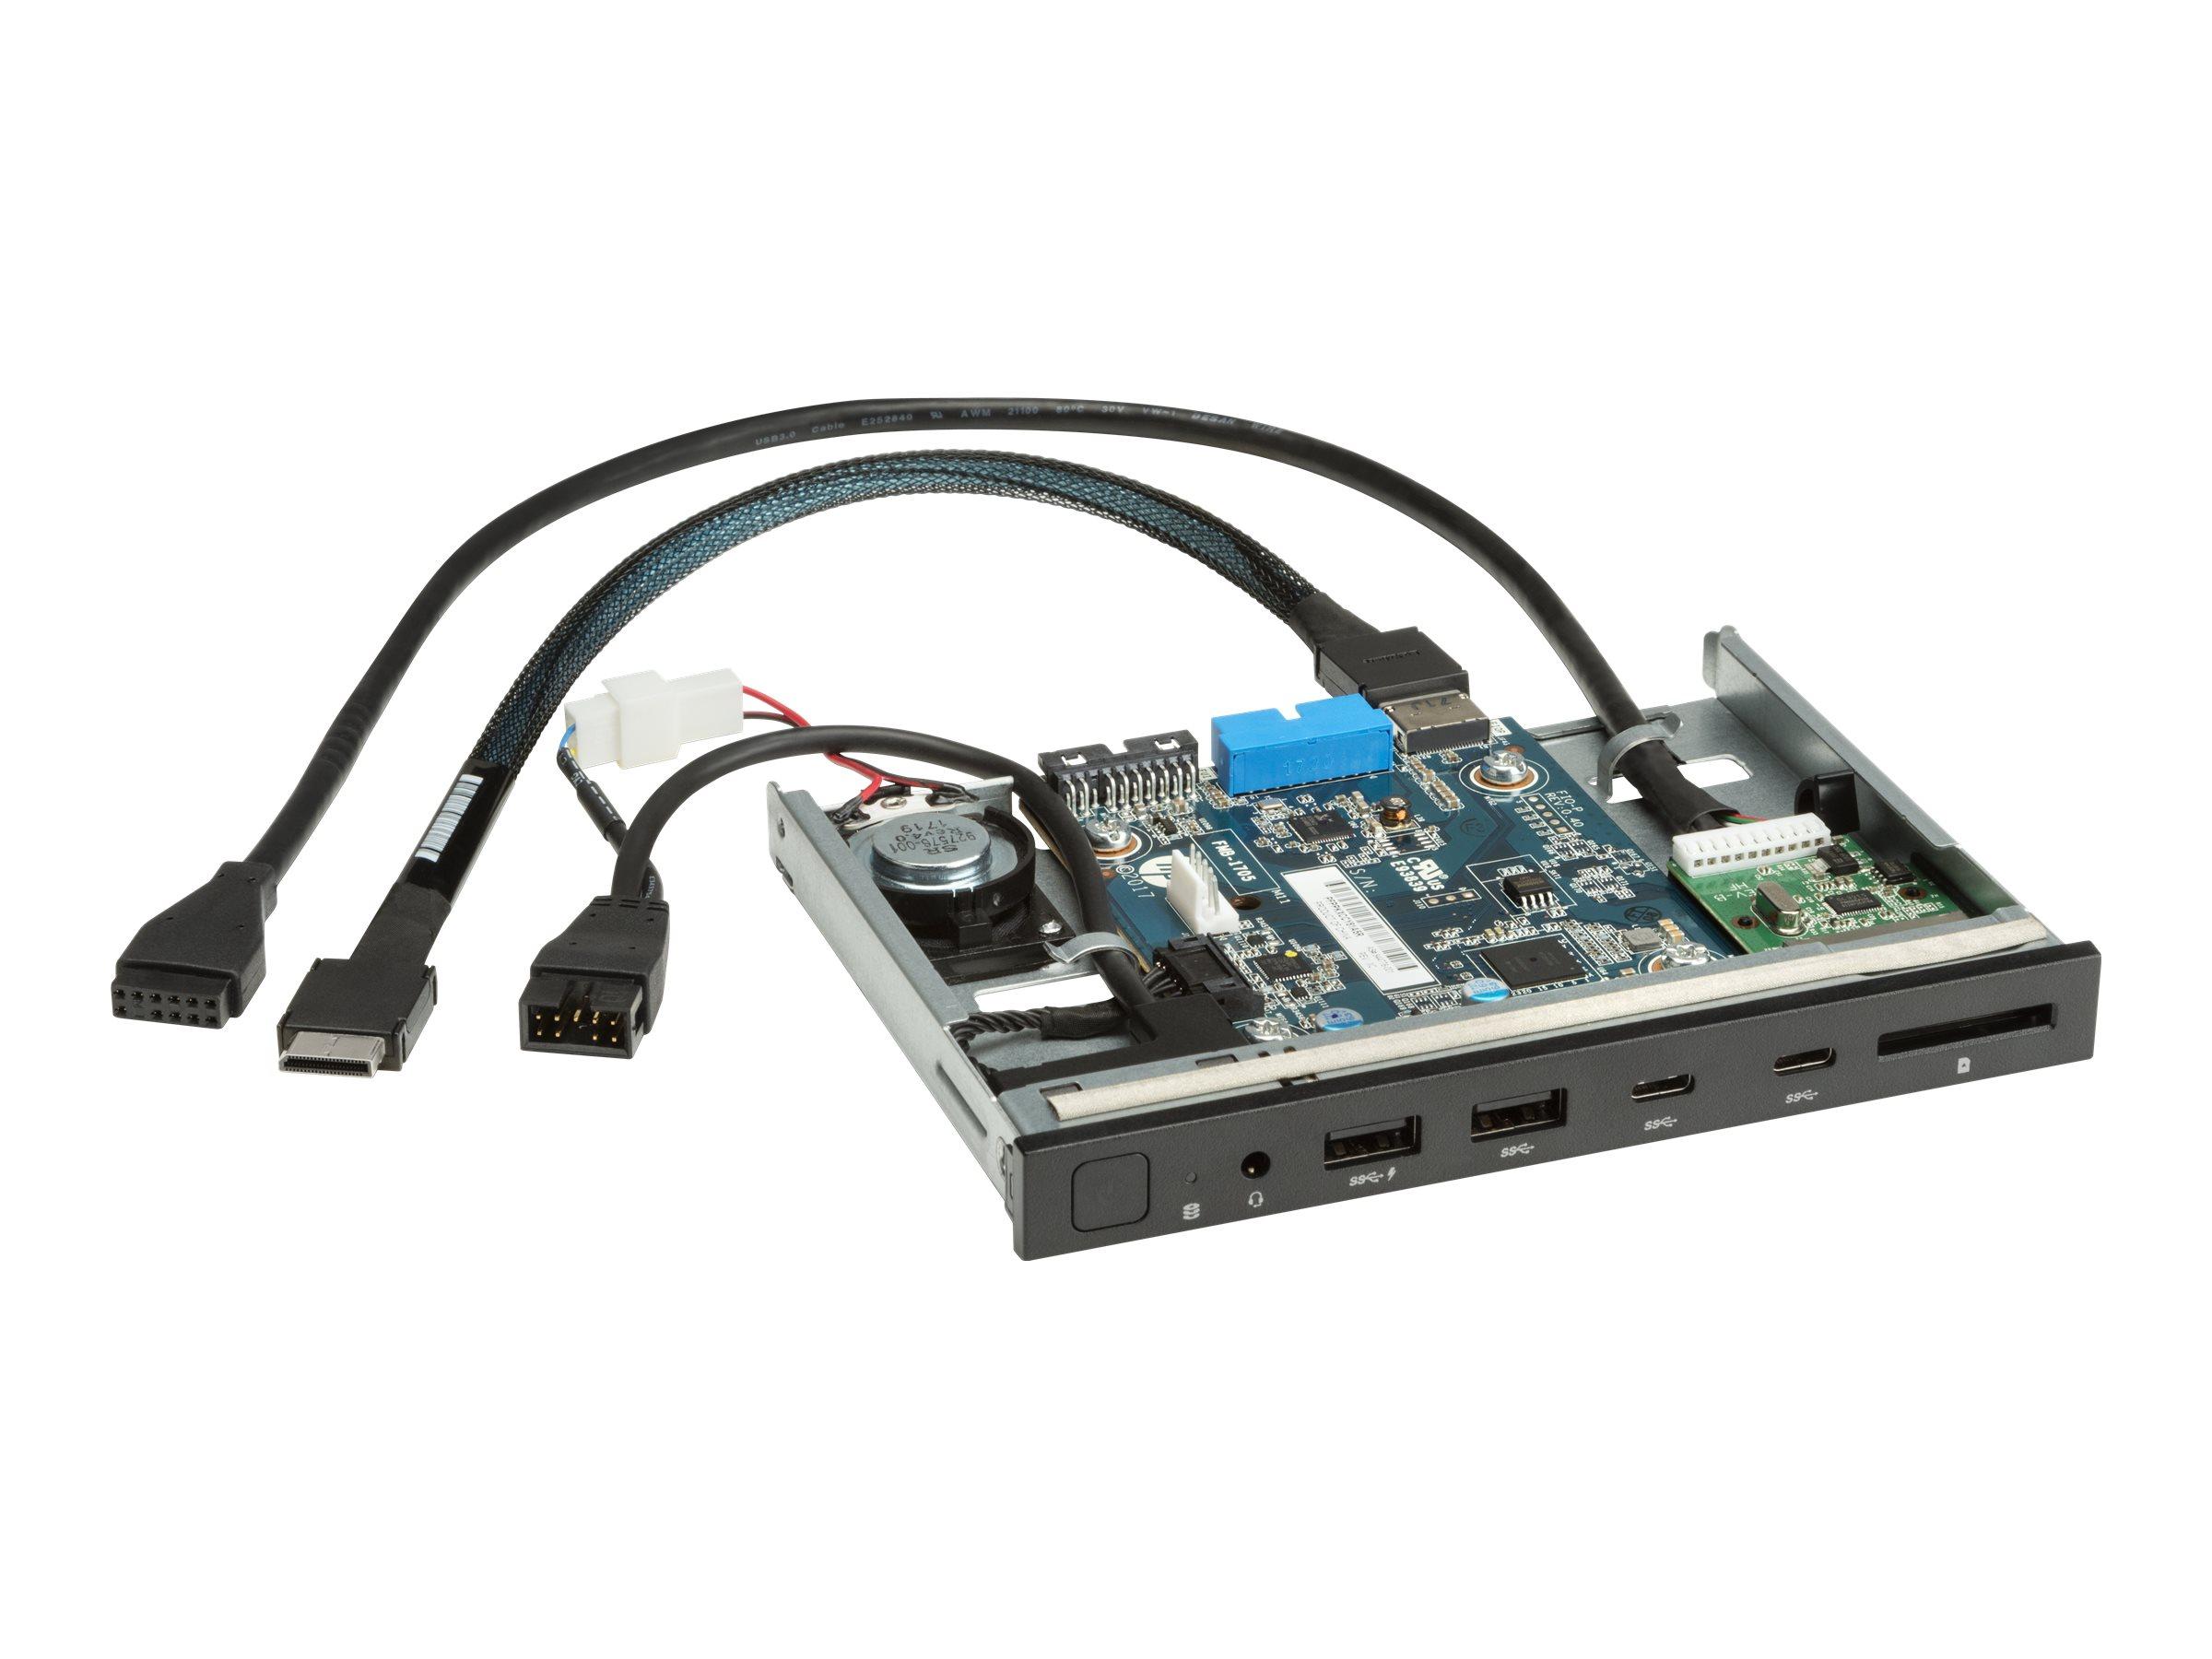 HP Premium Front I/O - System Eingangs-/Ausgangspaneel - USB 3.1 Gen 1 x 2, USB-C 3.1 Gen 2 x 2 - für Workstation Z4 G4, Z6 G4